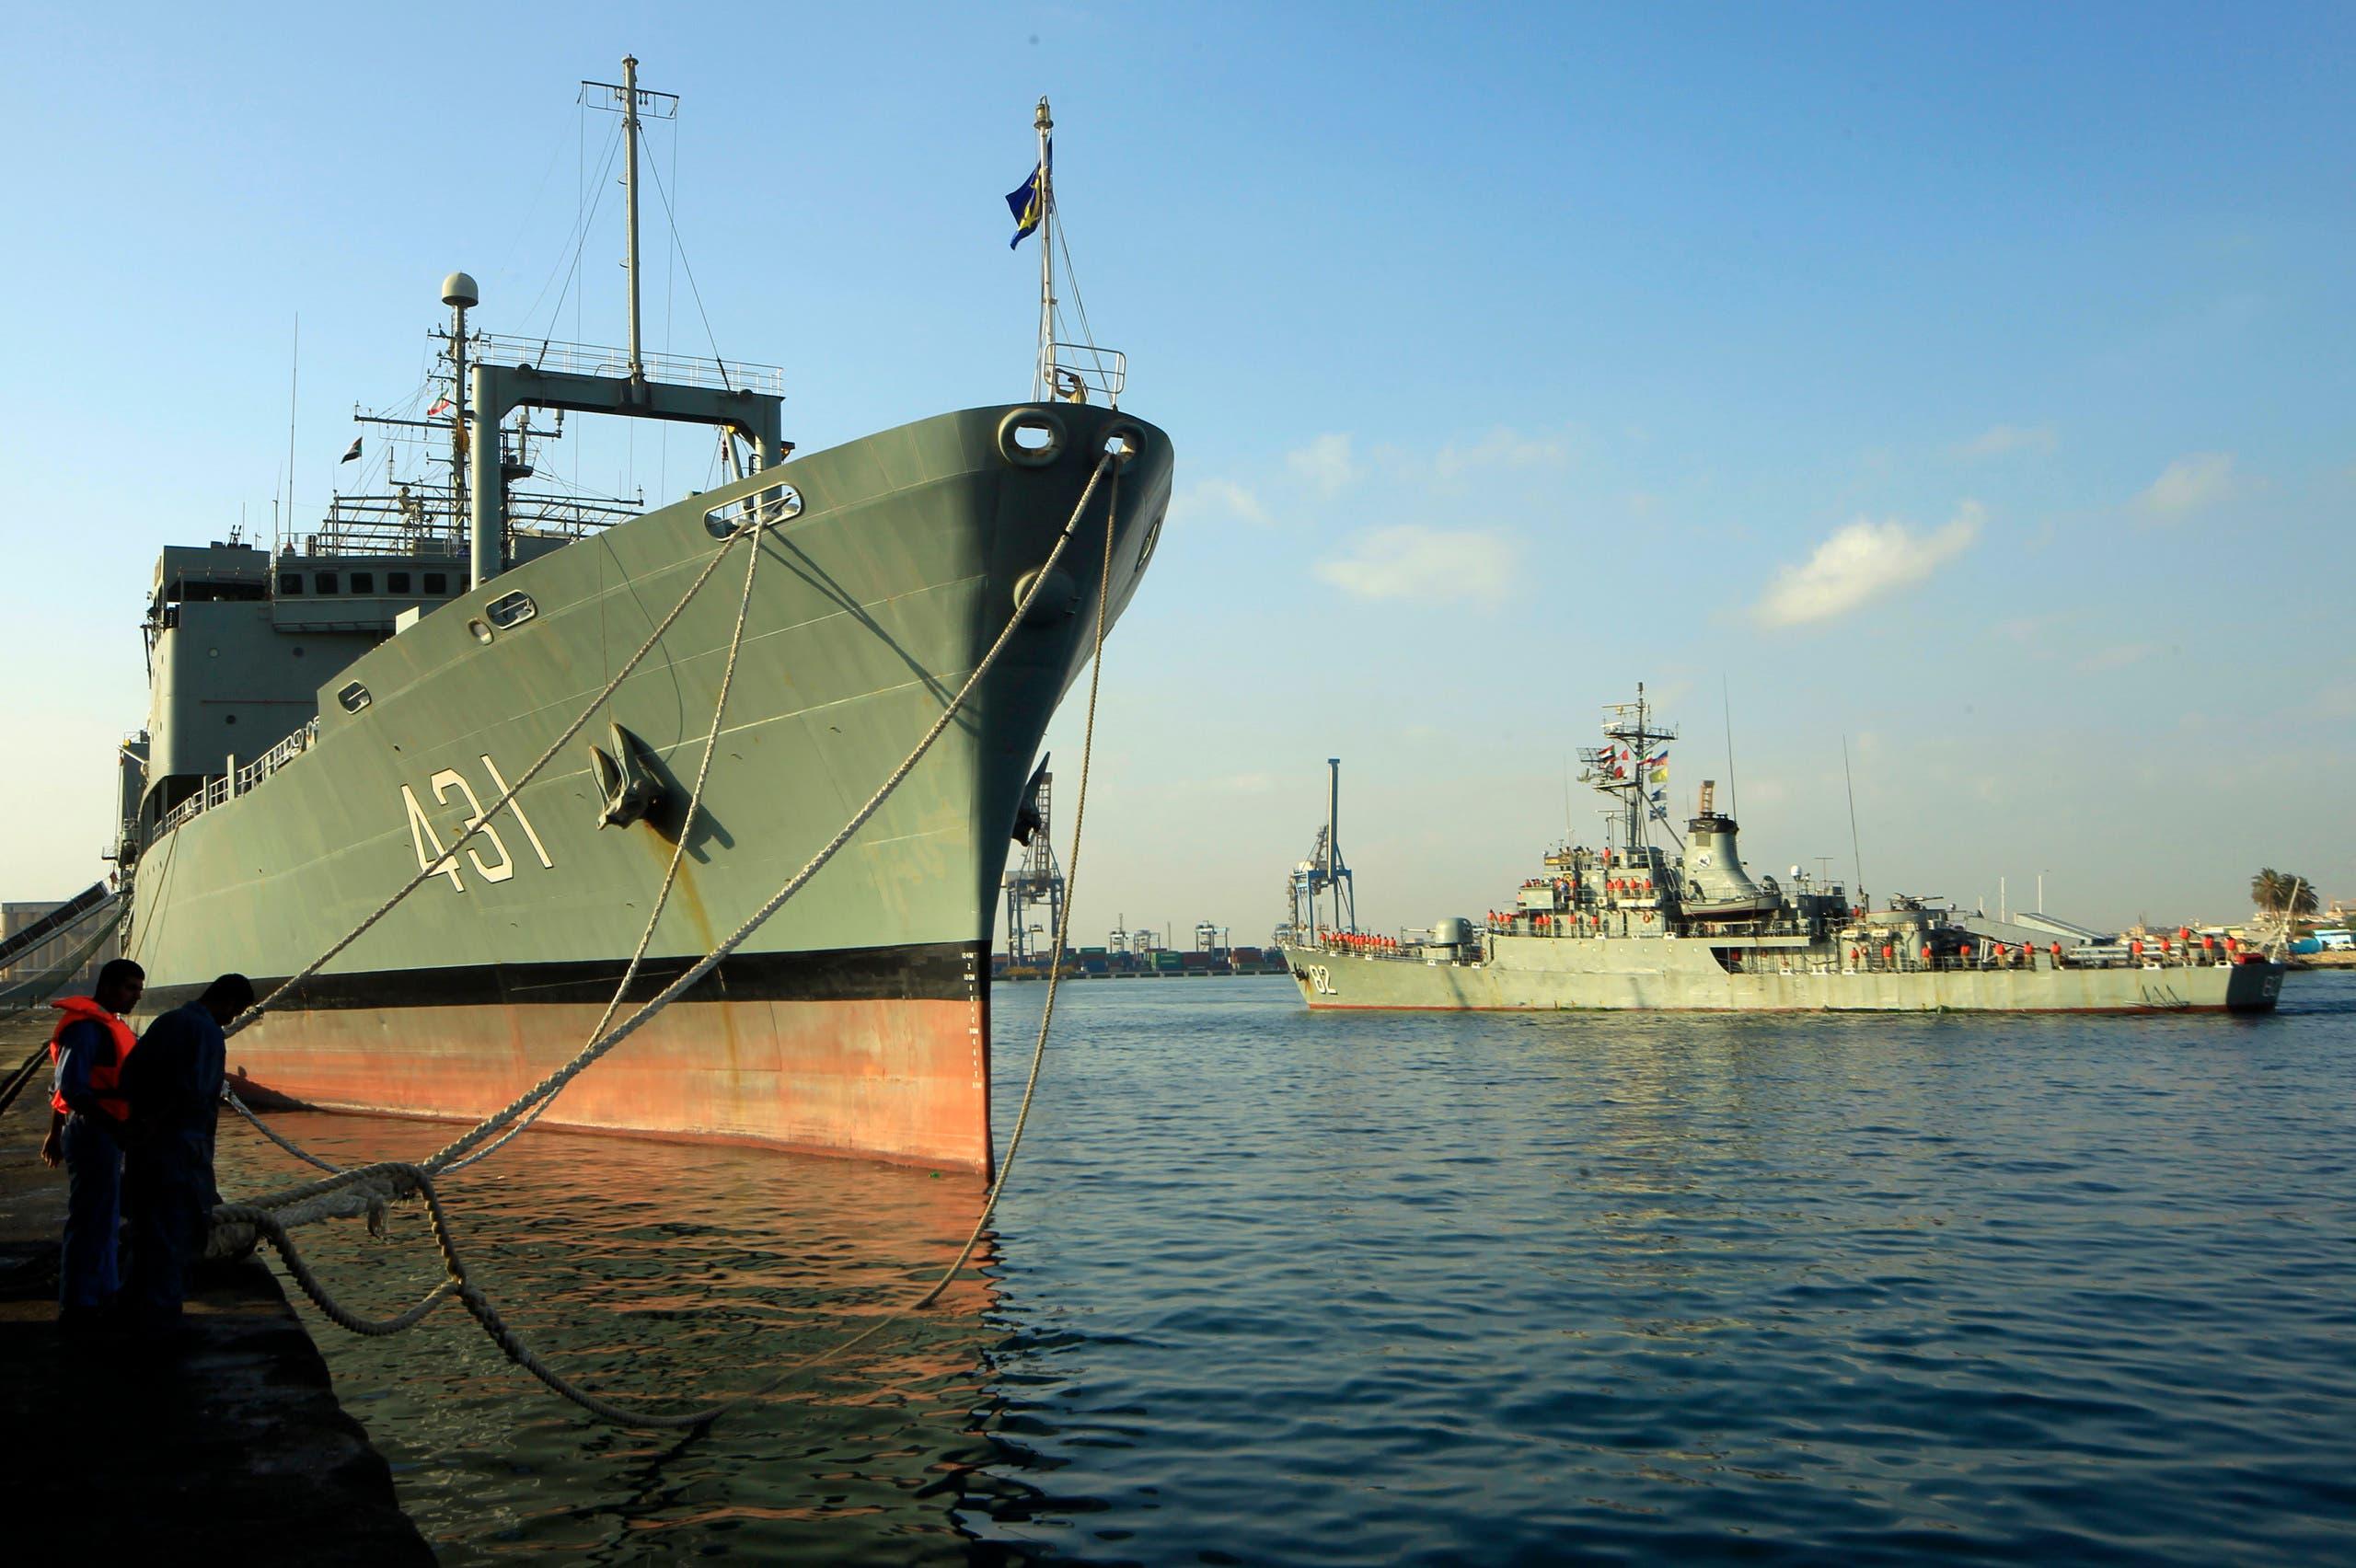 کشتی ایرانی خارک (بایگانی - رویترز)